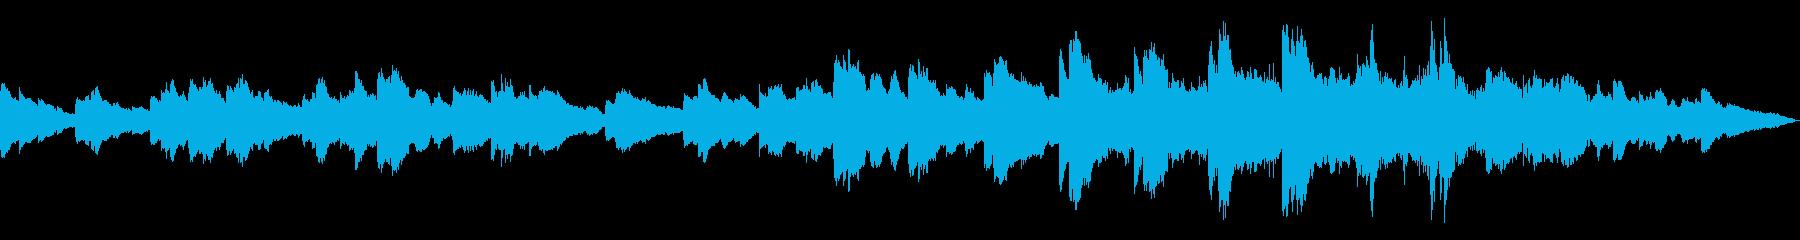 ポップ ロック 室内楽 モダン 交...の再生済みの波形